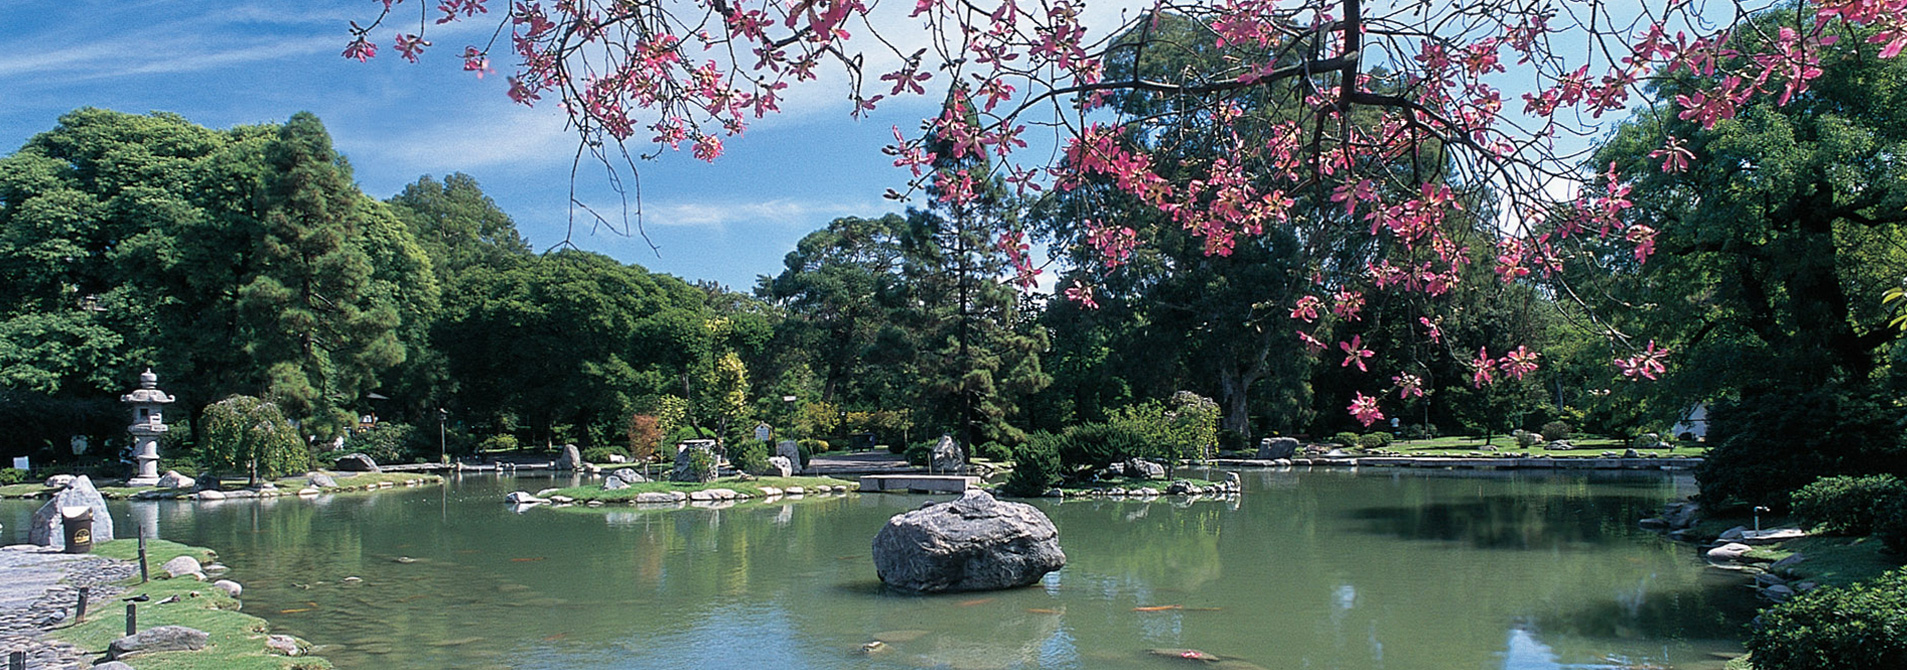 Jard n japon s sitio oficial de turismo de la ciudad de for Casa jardin buenos aires